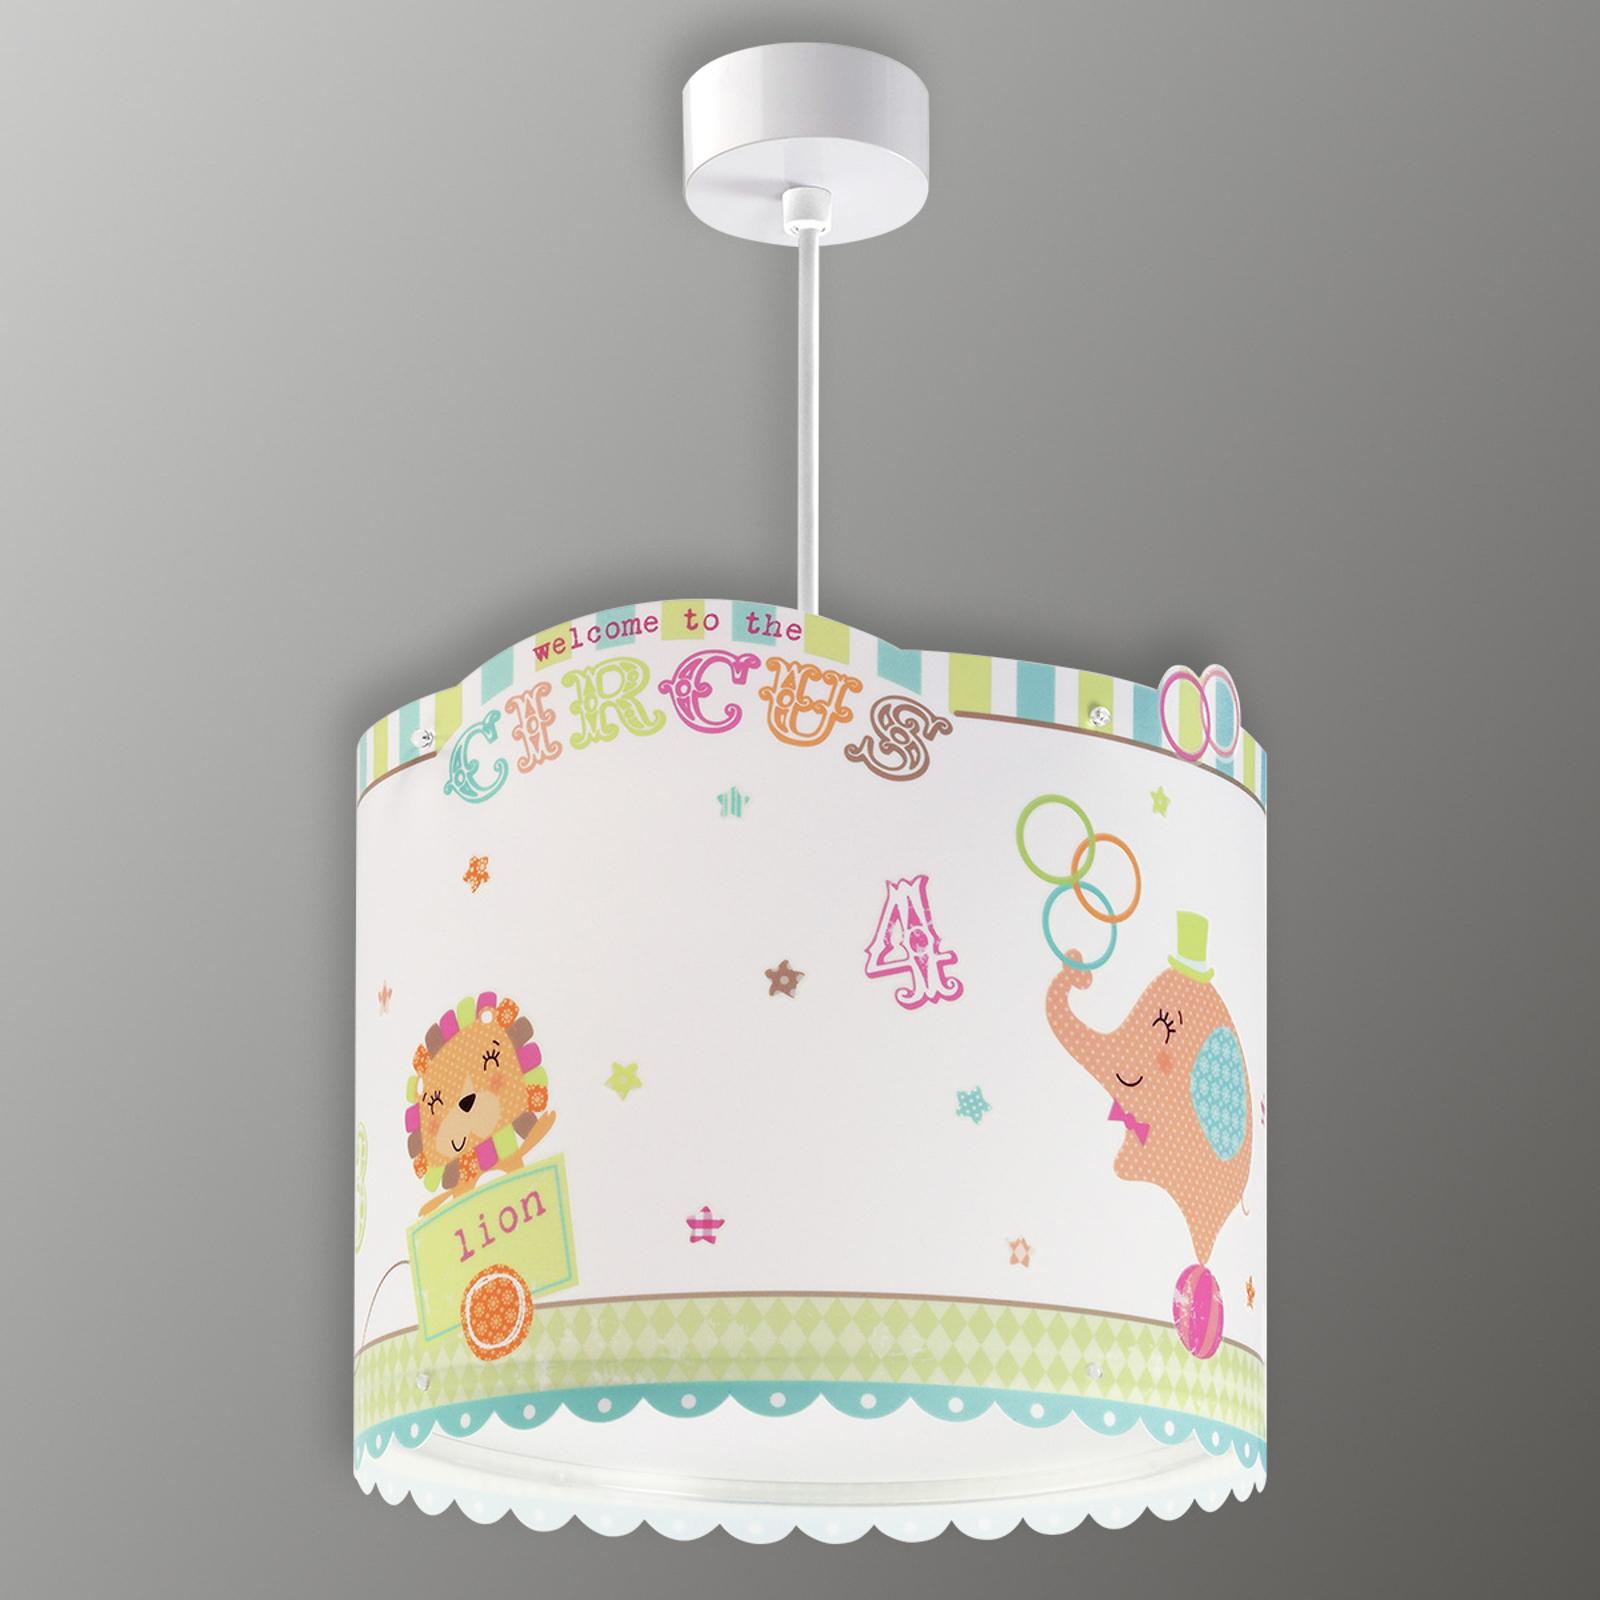 Circus - zabawna dziecięca lampa wisząca